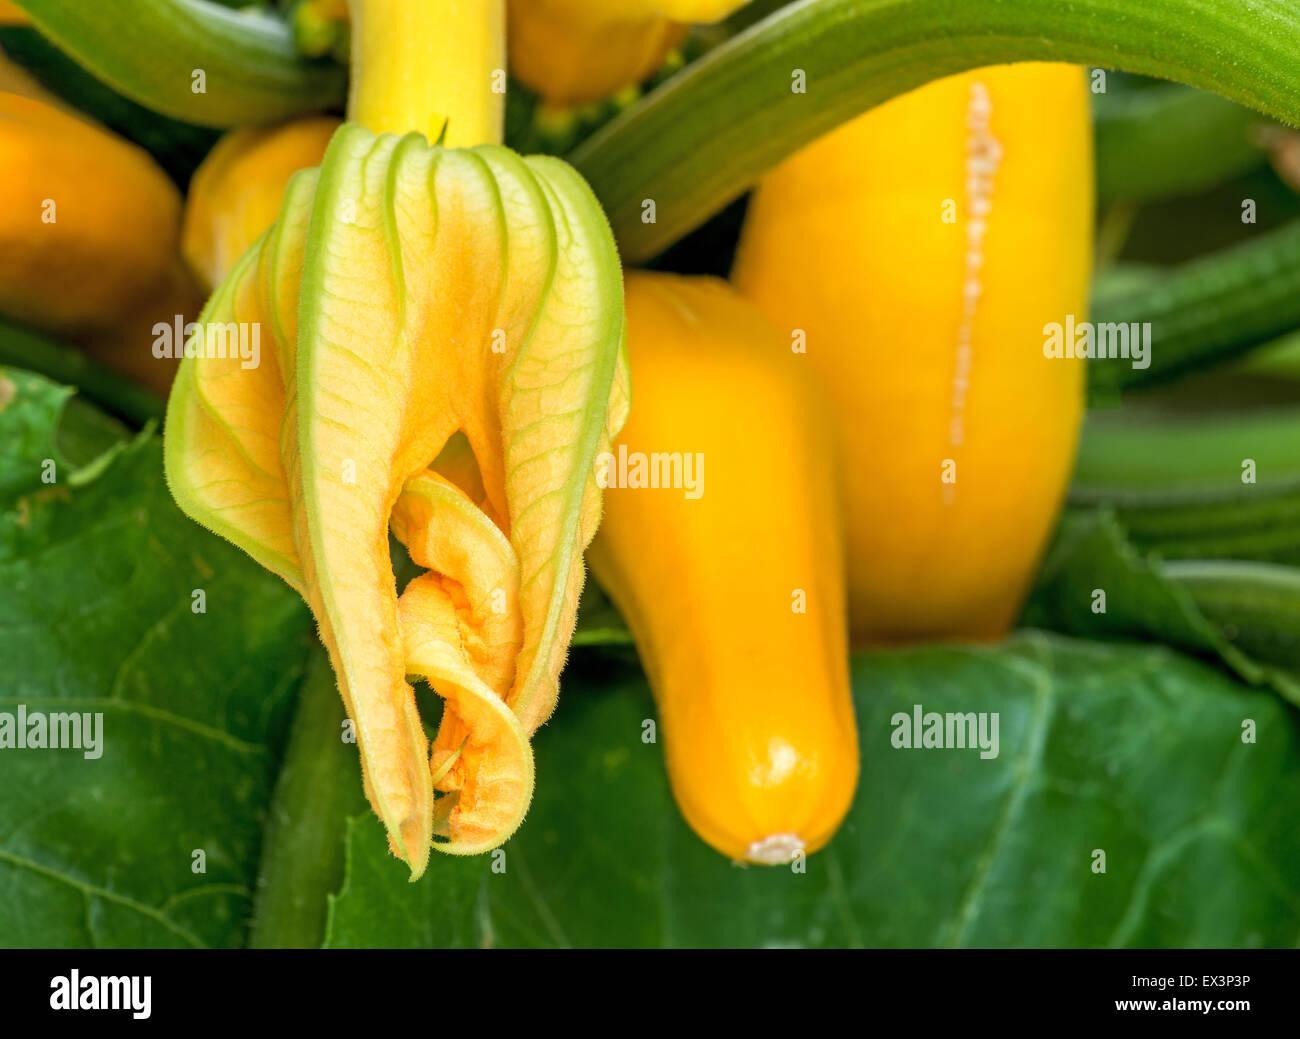 Courge jaune courgette fleur et fruit vert printemps printemps Légumes, légumes, plantes, délicatement Photo Stock